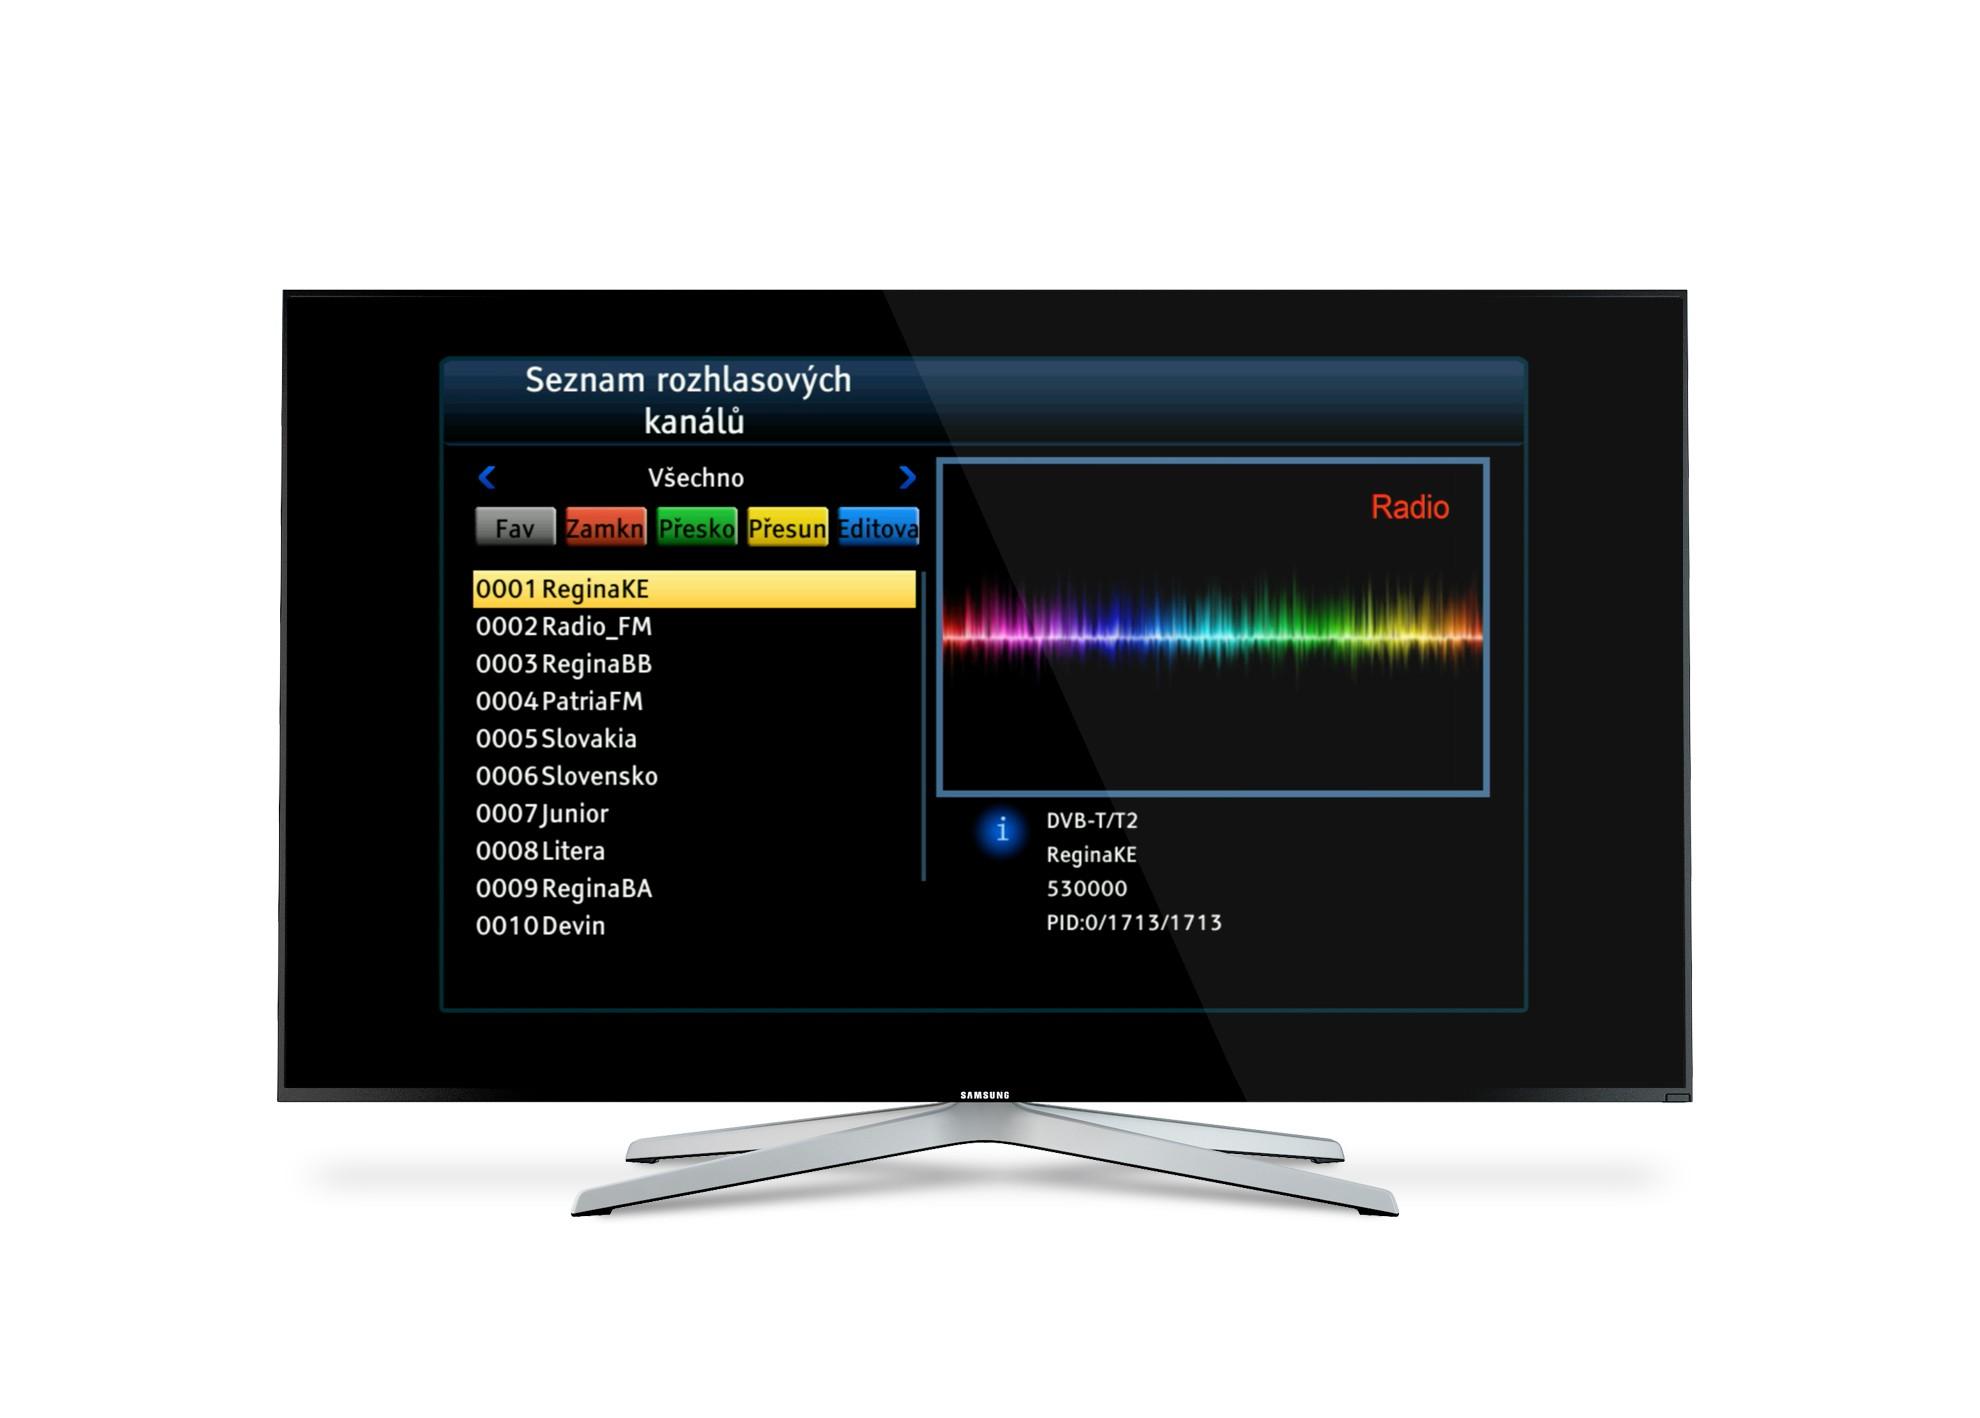 AB TereBox 2T HD terestriálny/káblový prijímač